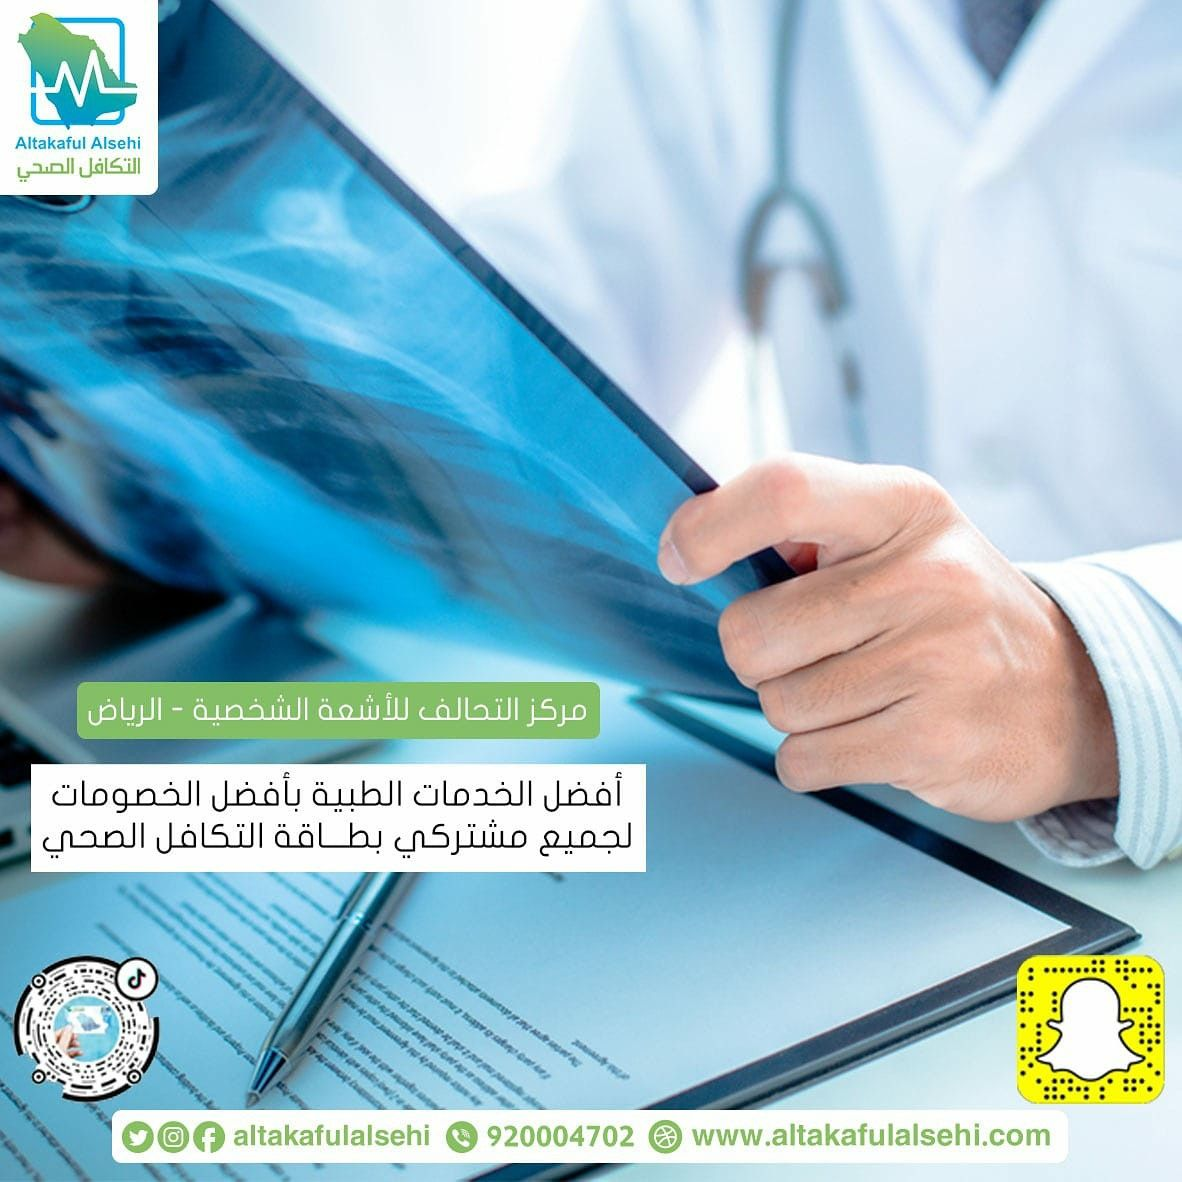 جميع أنواع الأشعة نقدمها لكم من التحالف للأشعة الشخصية في الرياض بخصومات على بطاقة التكافل الصحي Https Bit Ly 38xkdgp أش Health Insurance Health Insurance